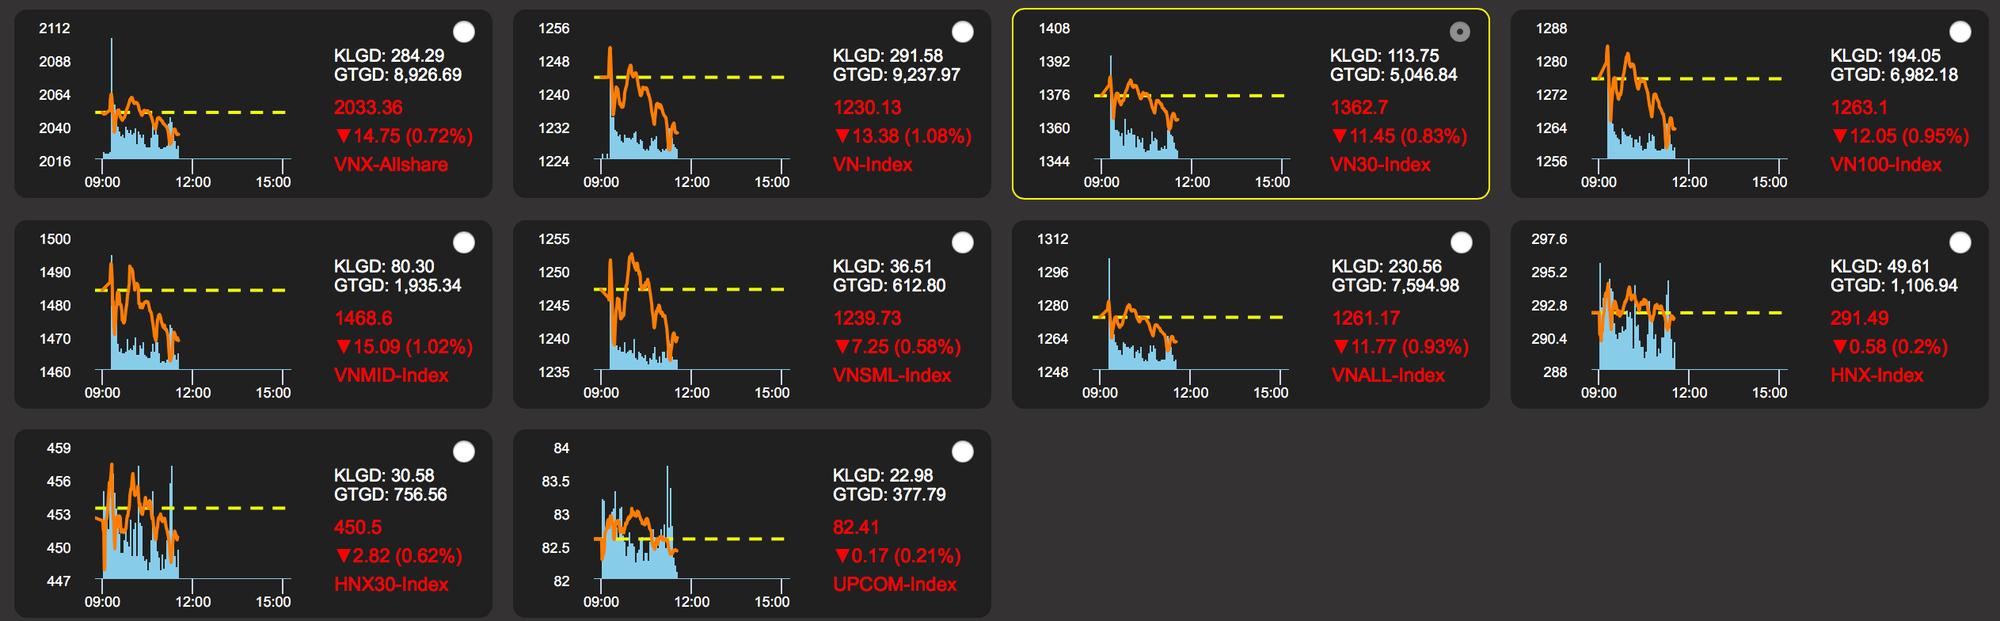 VN-Index bất ngờ đảo chiều tăng gần 30 điểm - Ảnh 1.